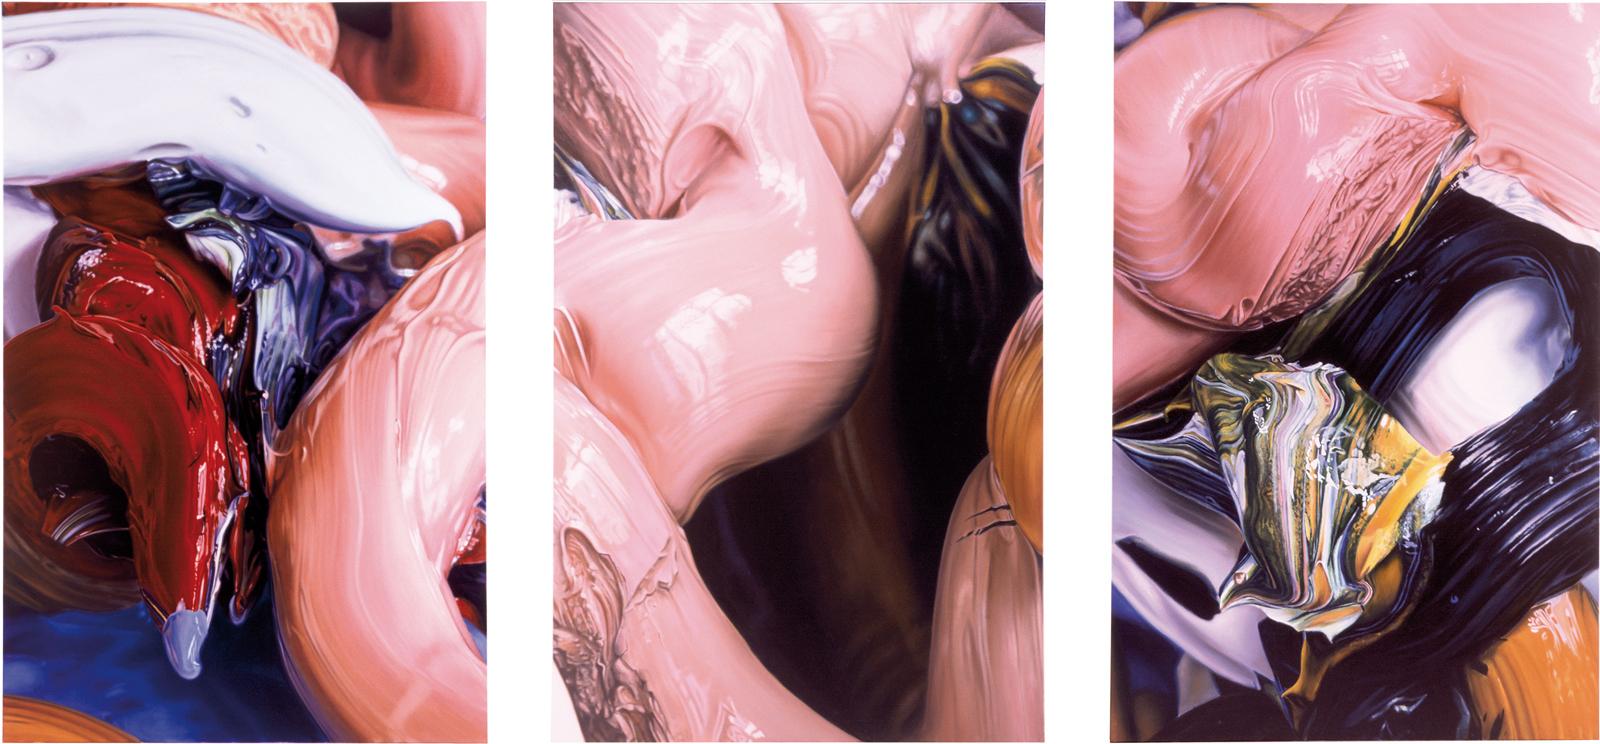 DIE GROSSE LIEBE  Öl auf Leinwand  Triptychon, jeweils 270 x 175 cm   2001